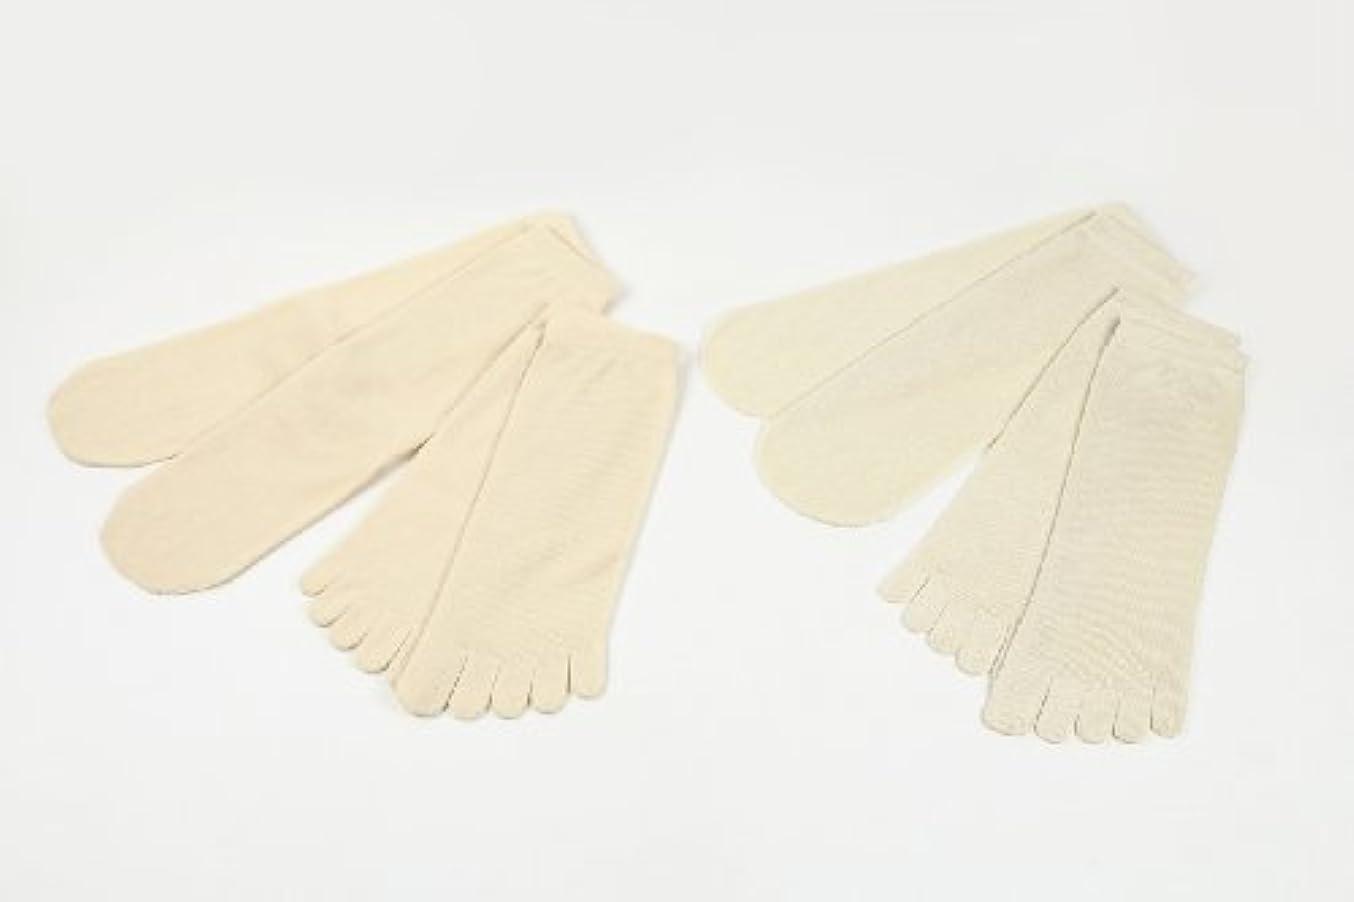 凍結可動ロールutatane 冷えとり靴下 大人用 お試し 4足セット<シルク2足とウール2足>4枚目がカラー (ダークグレー)